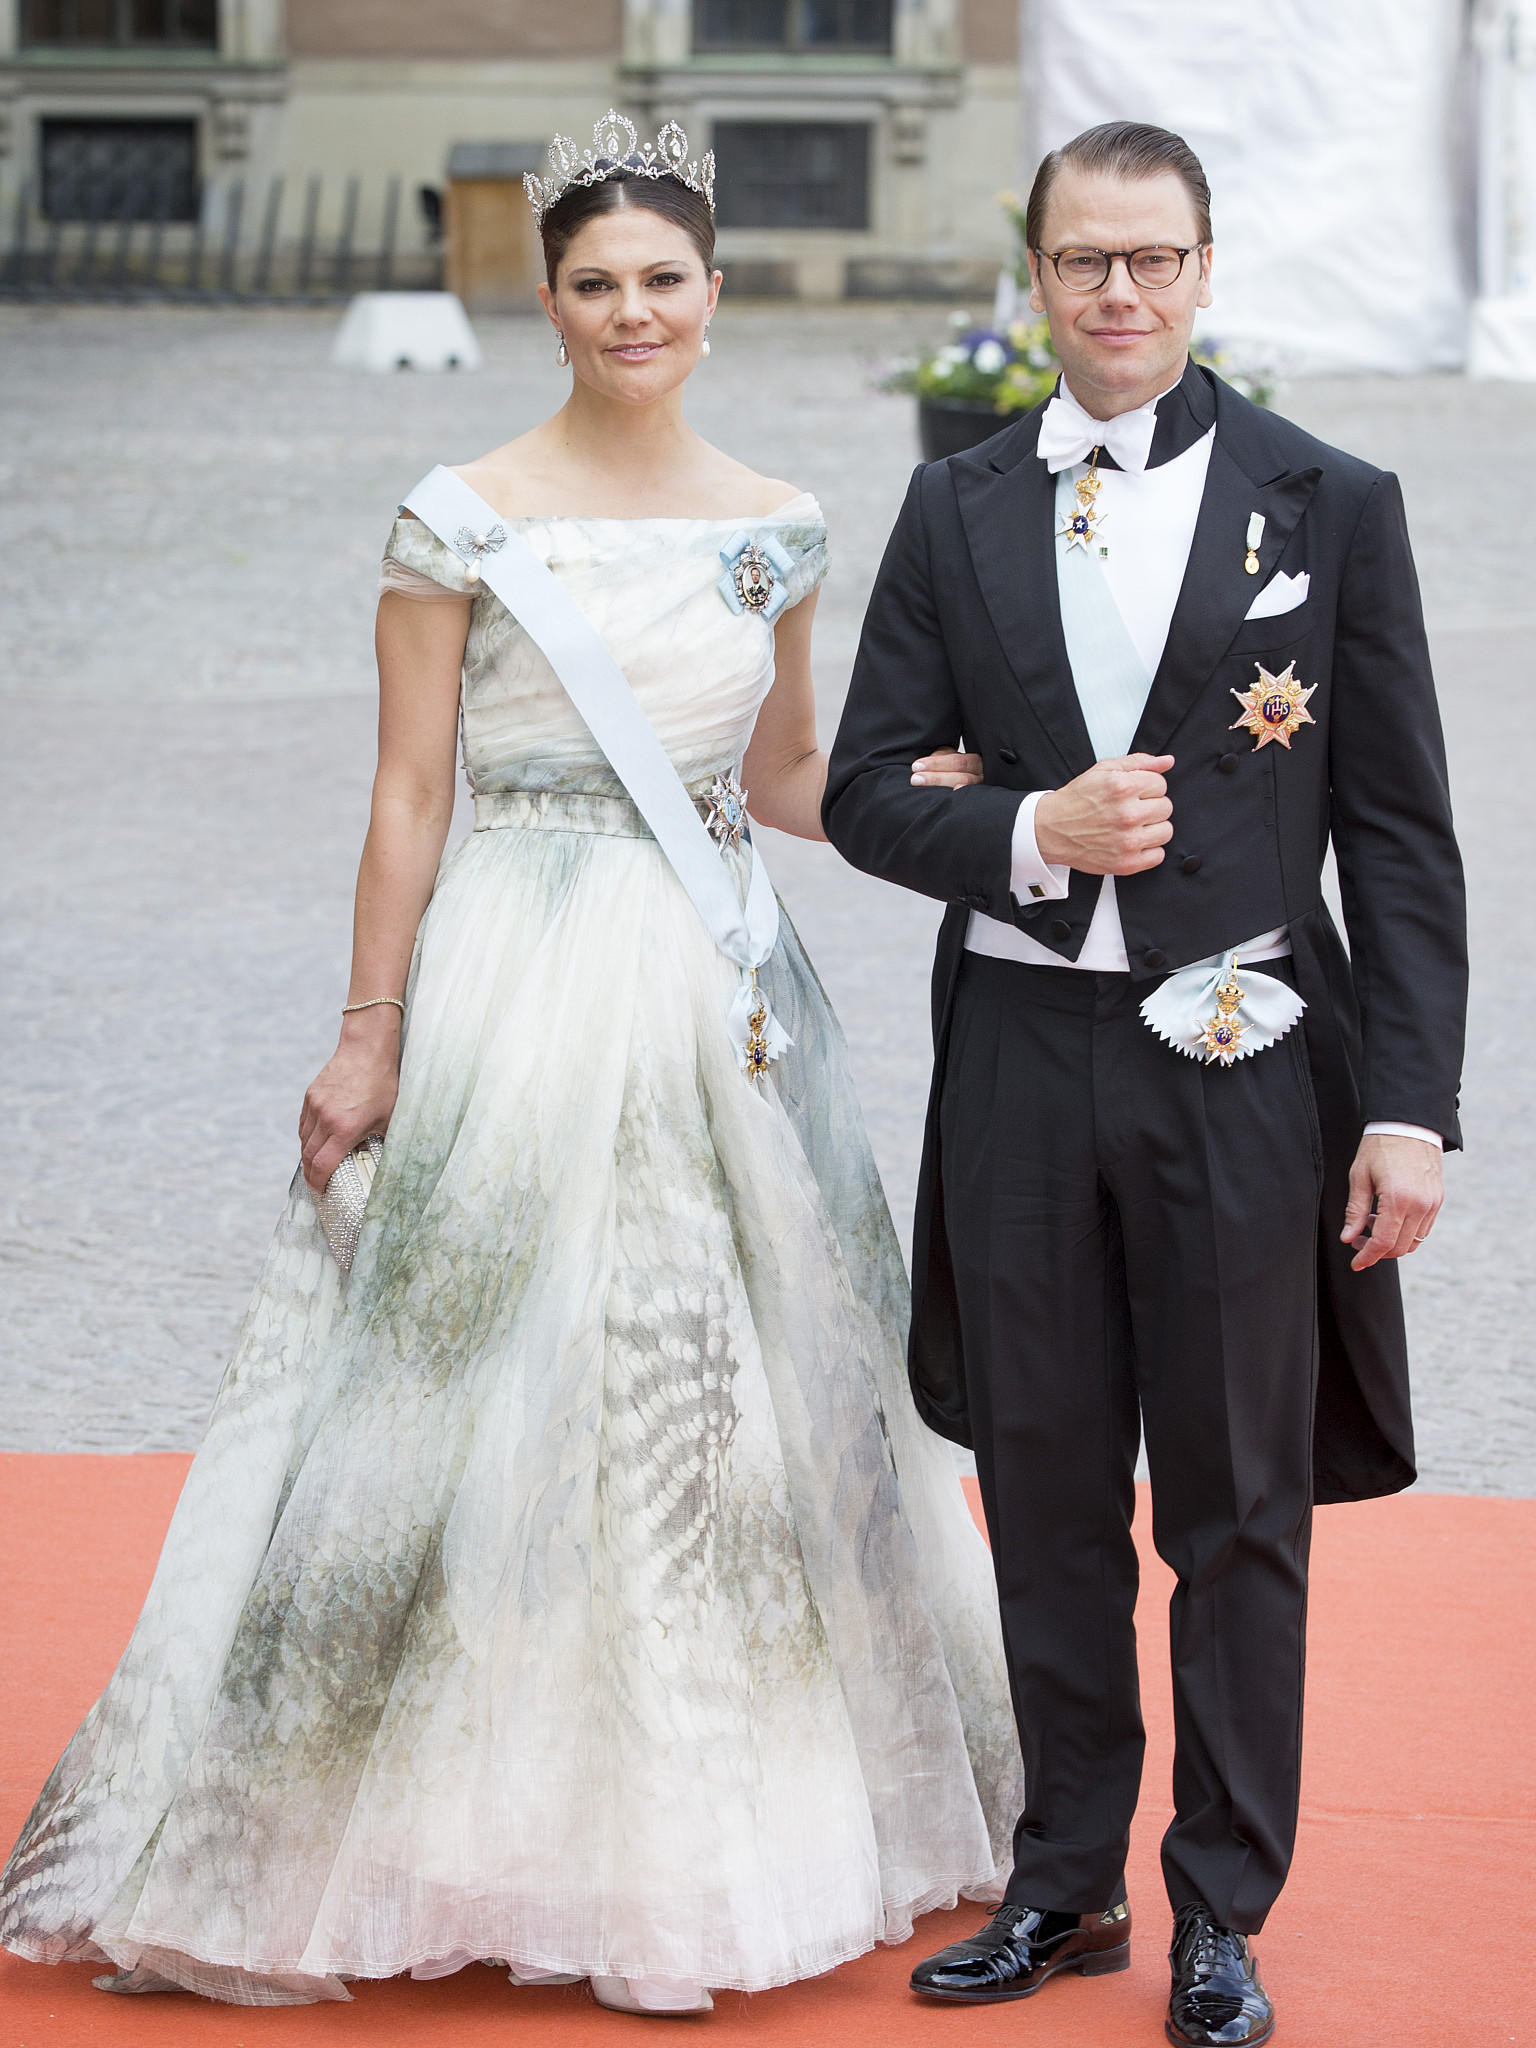 Victoria Von Schweden Hochzeit  So schön war Hochzeit von Kronprinzessin Victoria